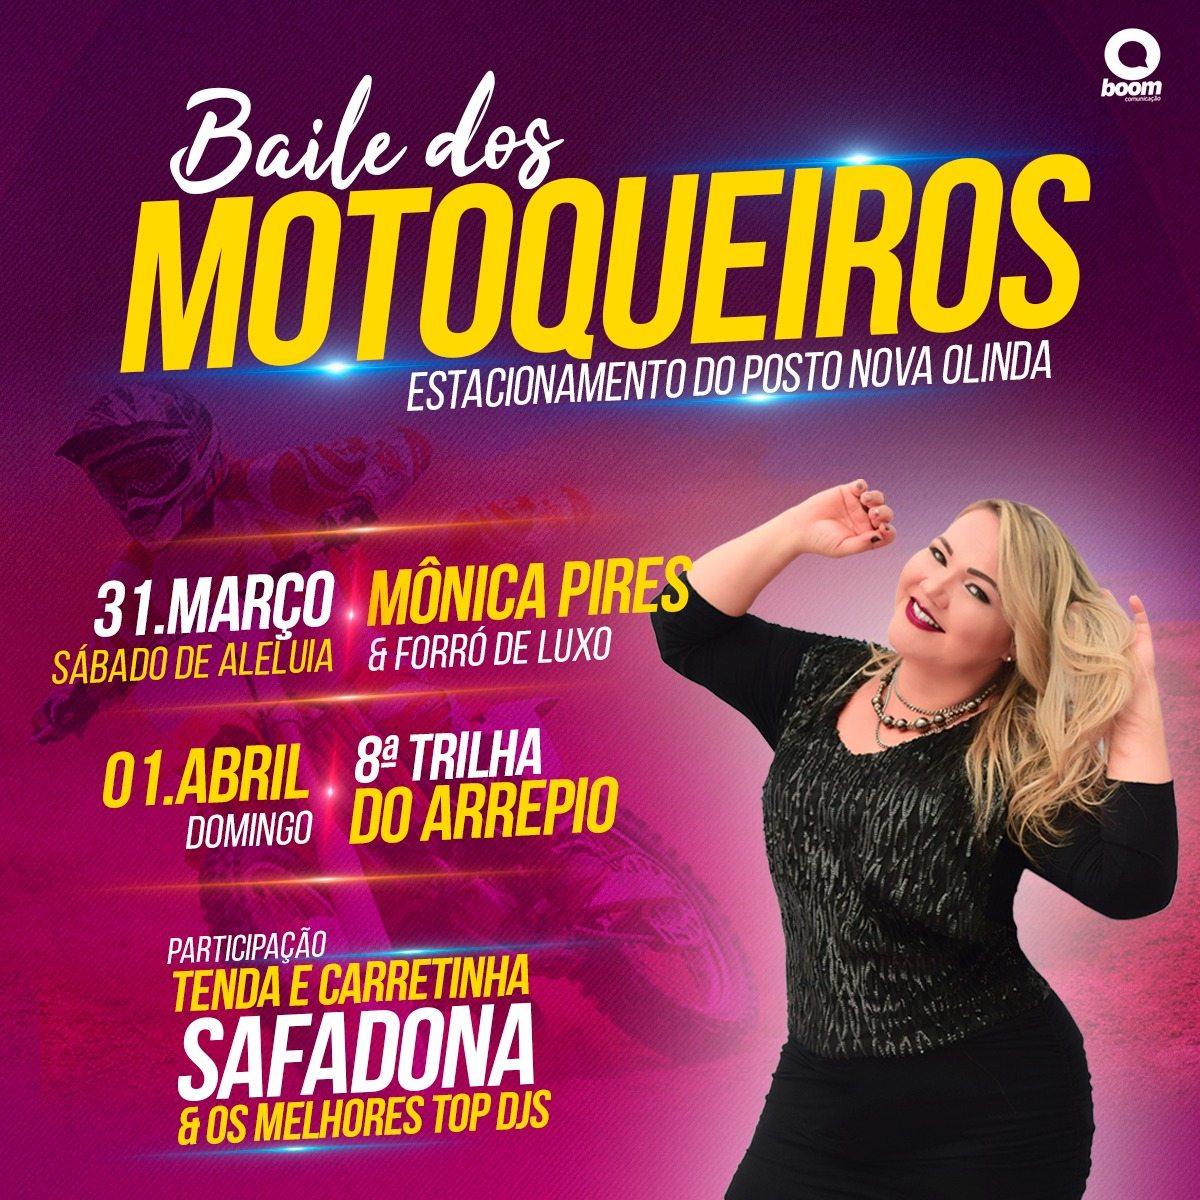 Baile dos motoqueiros abre oficialmente a 8ª trilha do Arrepio em Nova Olinda do Maranhão neste sábado (31)